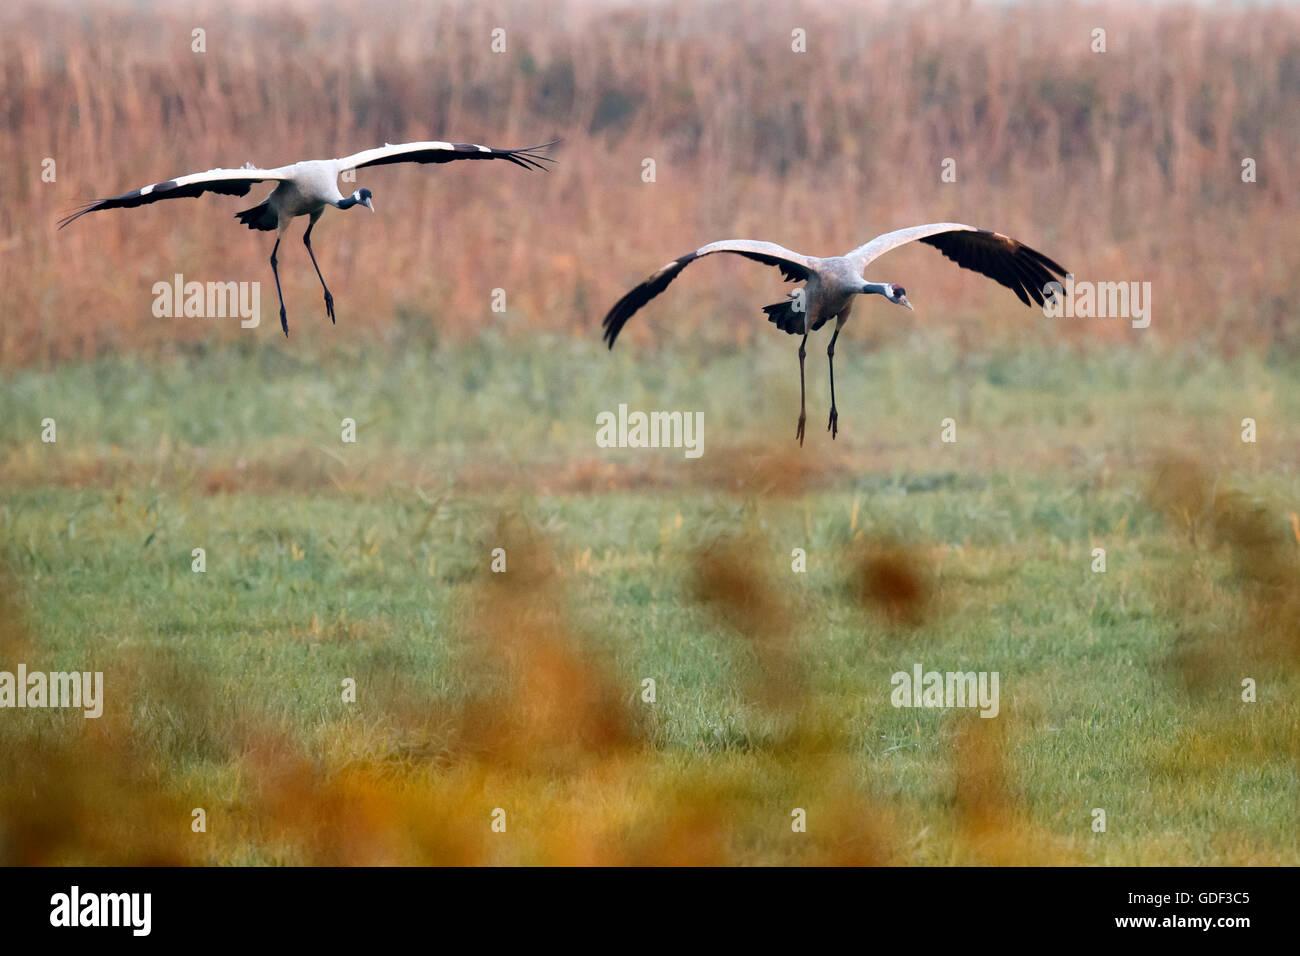 common crane, (Grus grus), wildlife, Nationalpark Vorpommersche Boddenlandschaft, Mecklenburg-Vorpommern Germany Stock Photo